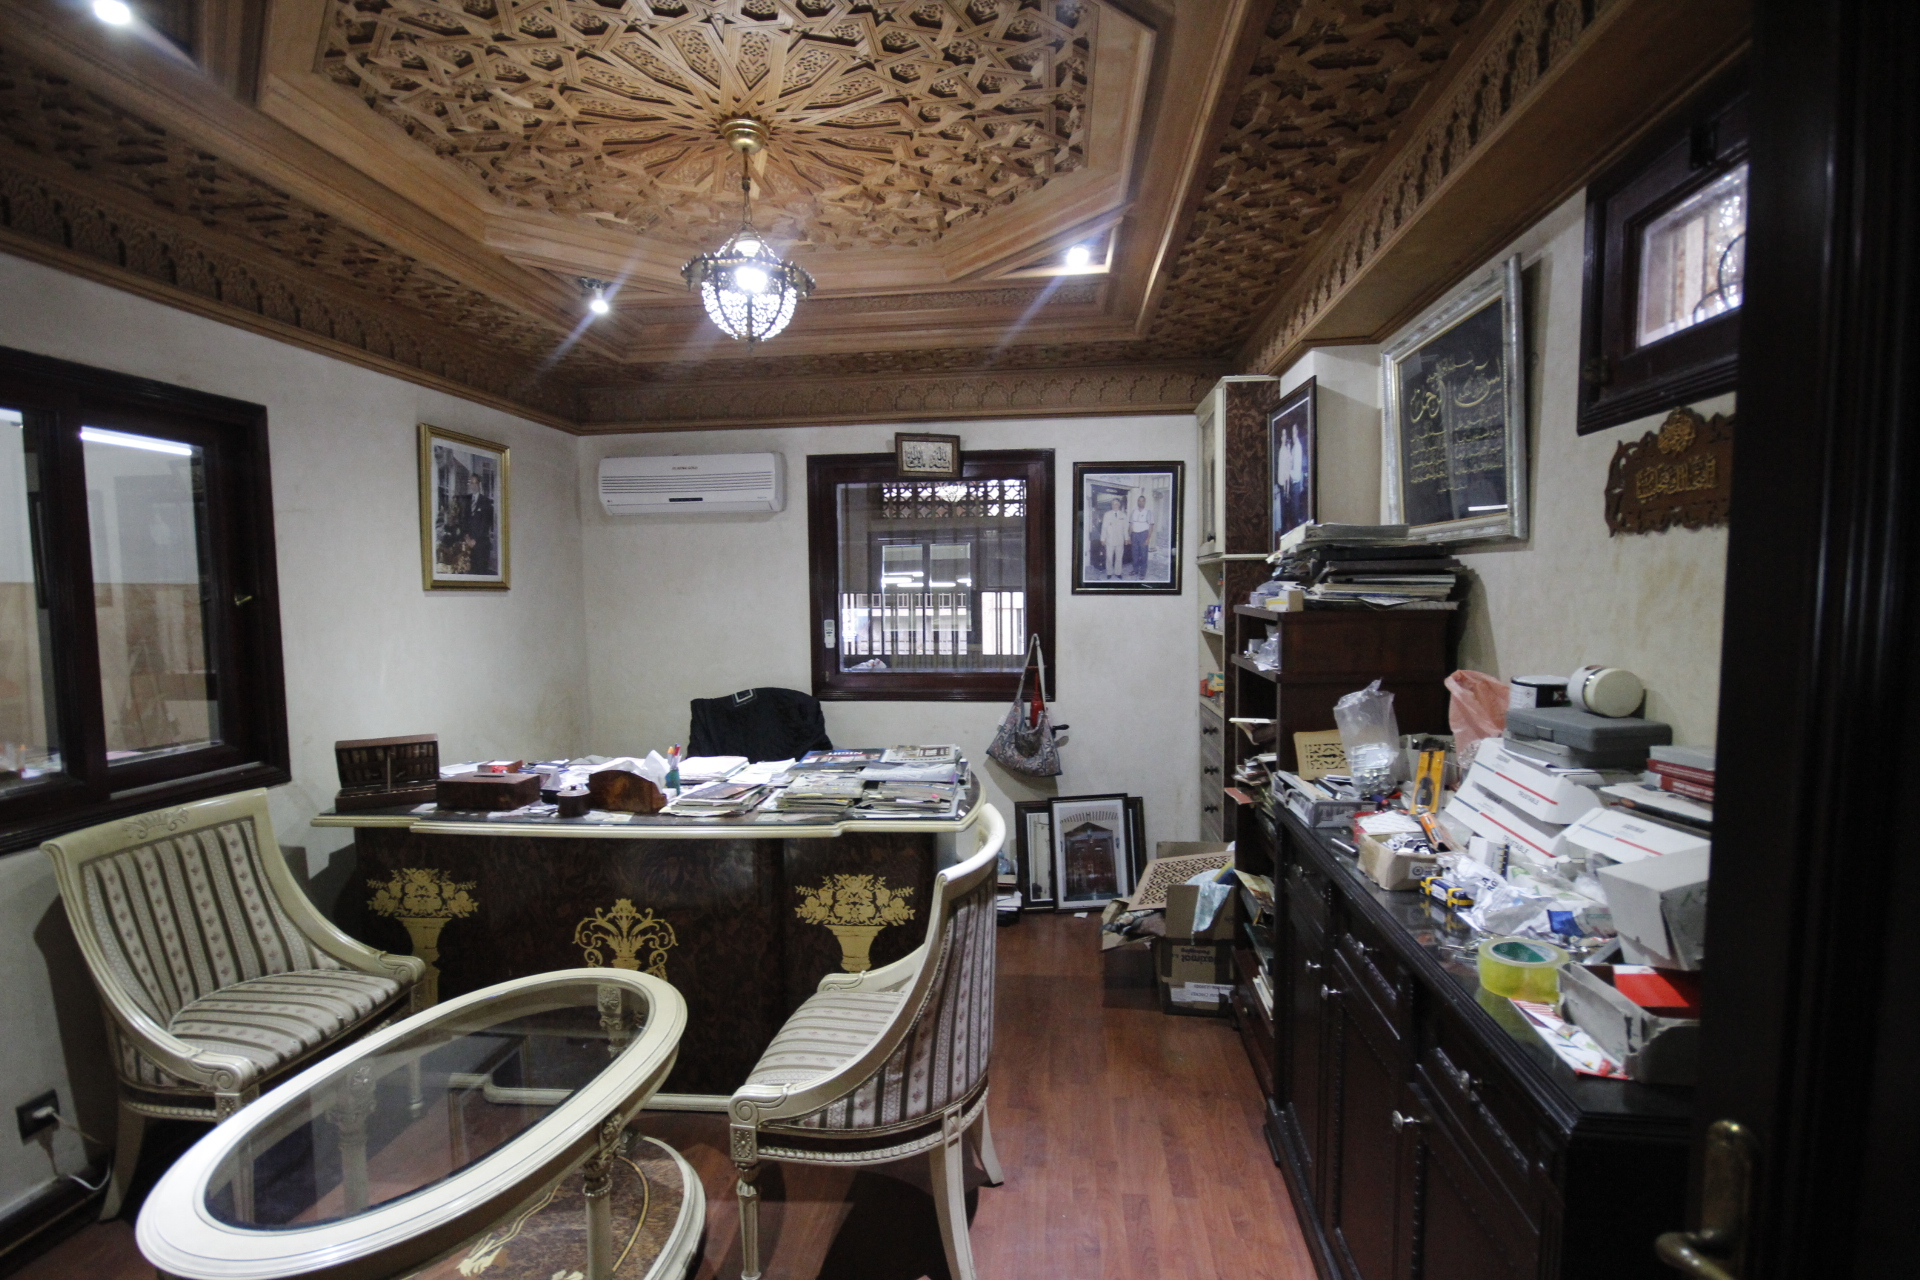 Maroc, Casablanca, Bourgogne (secteur Tan Tan) à acheter local professionnel de 197 m² intéressant à visiter